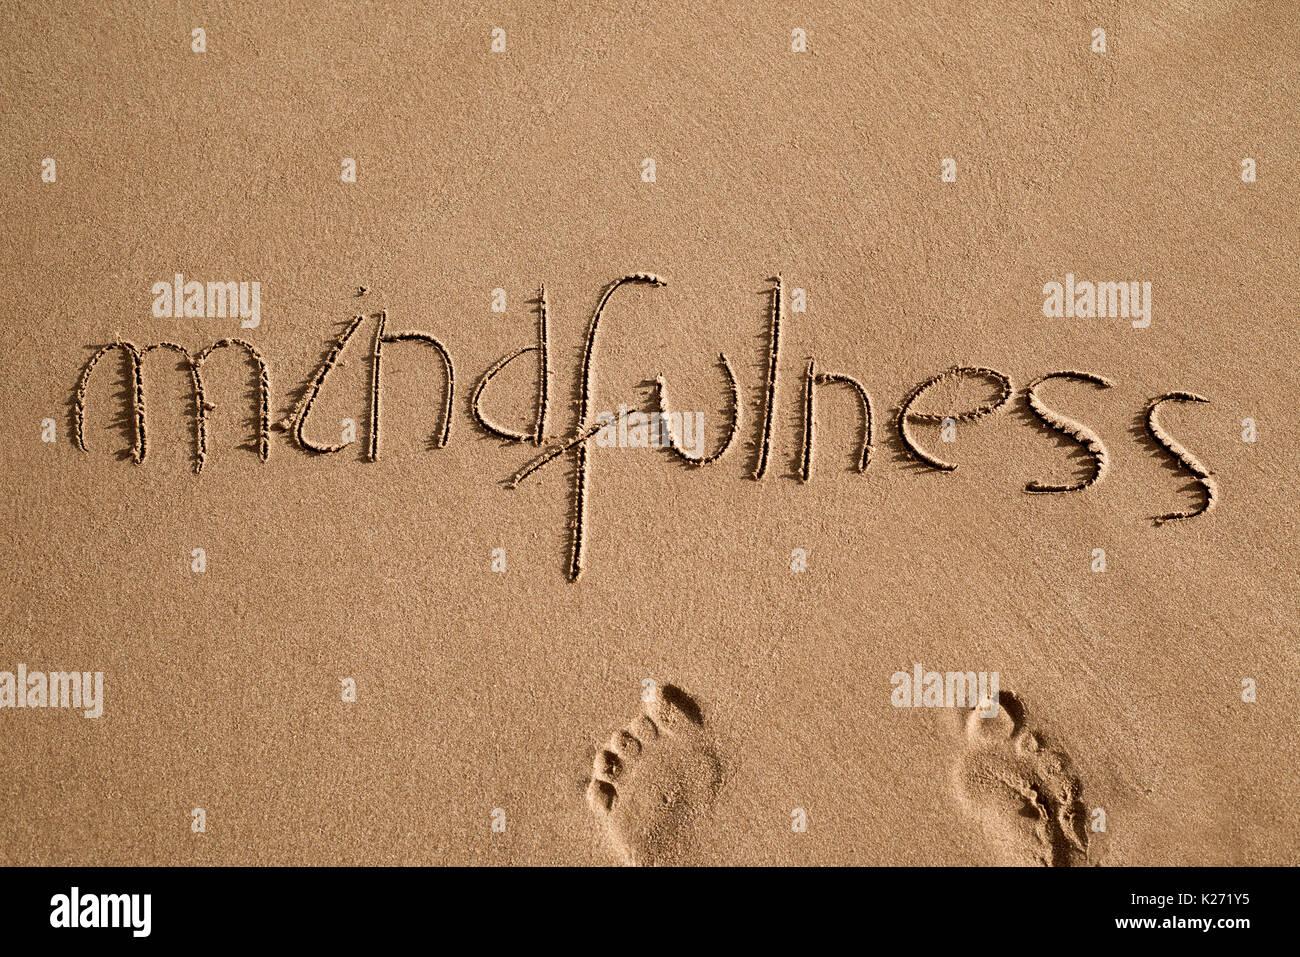 High-Angle Shot des Wortes Achtsamkeit in den Sand des Strandes geschrieben und ein paar menschliche Fußabdrücke Stockfoto